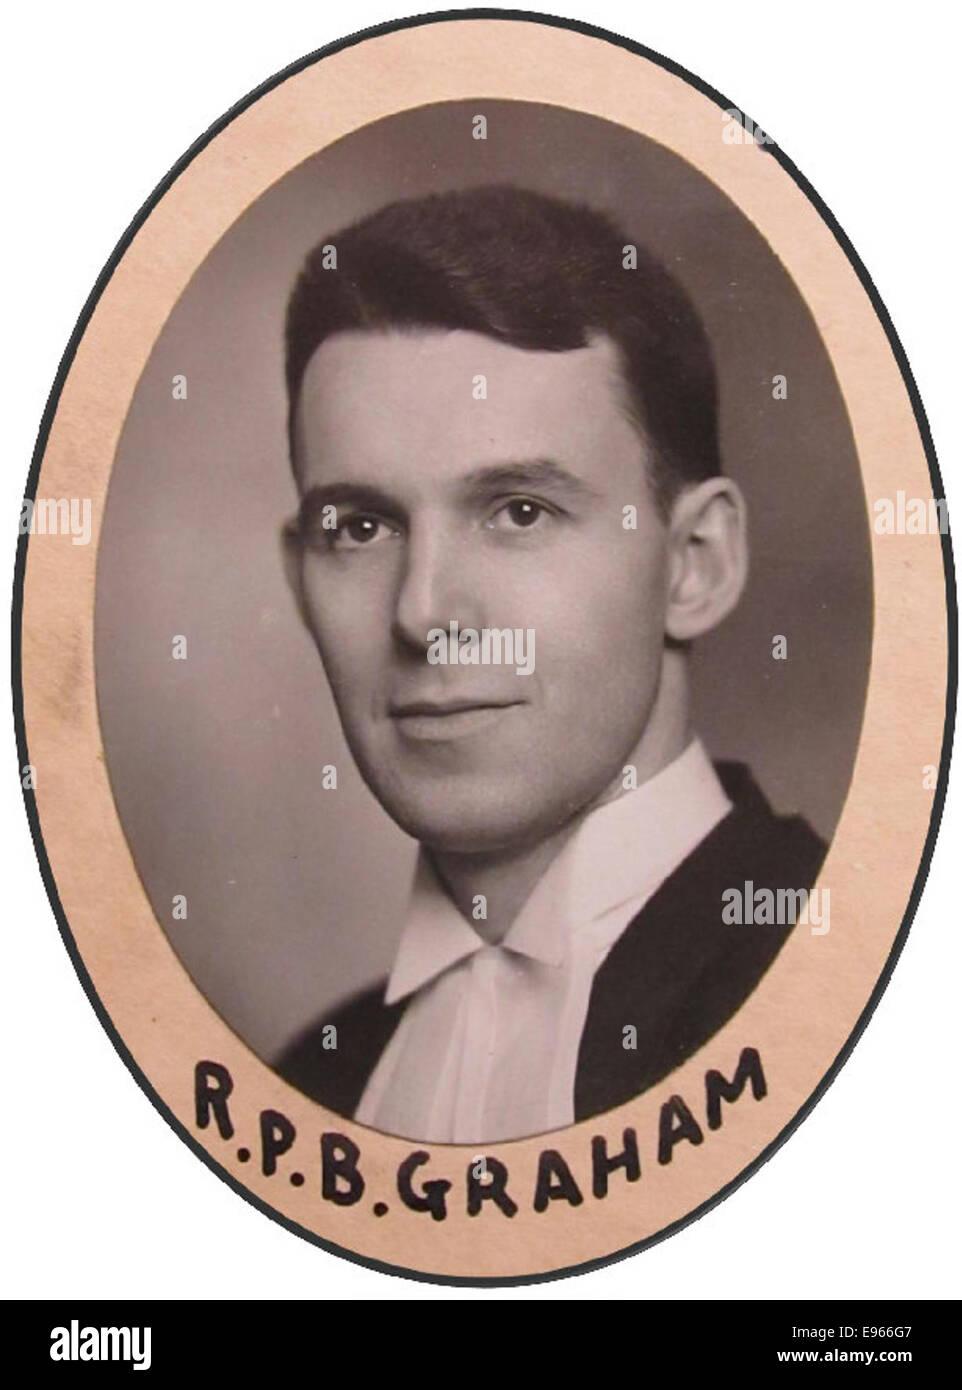 Photograph of Robert Patrick Bateman (1915-1984)  79077073 o - Stock Image